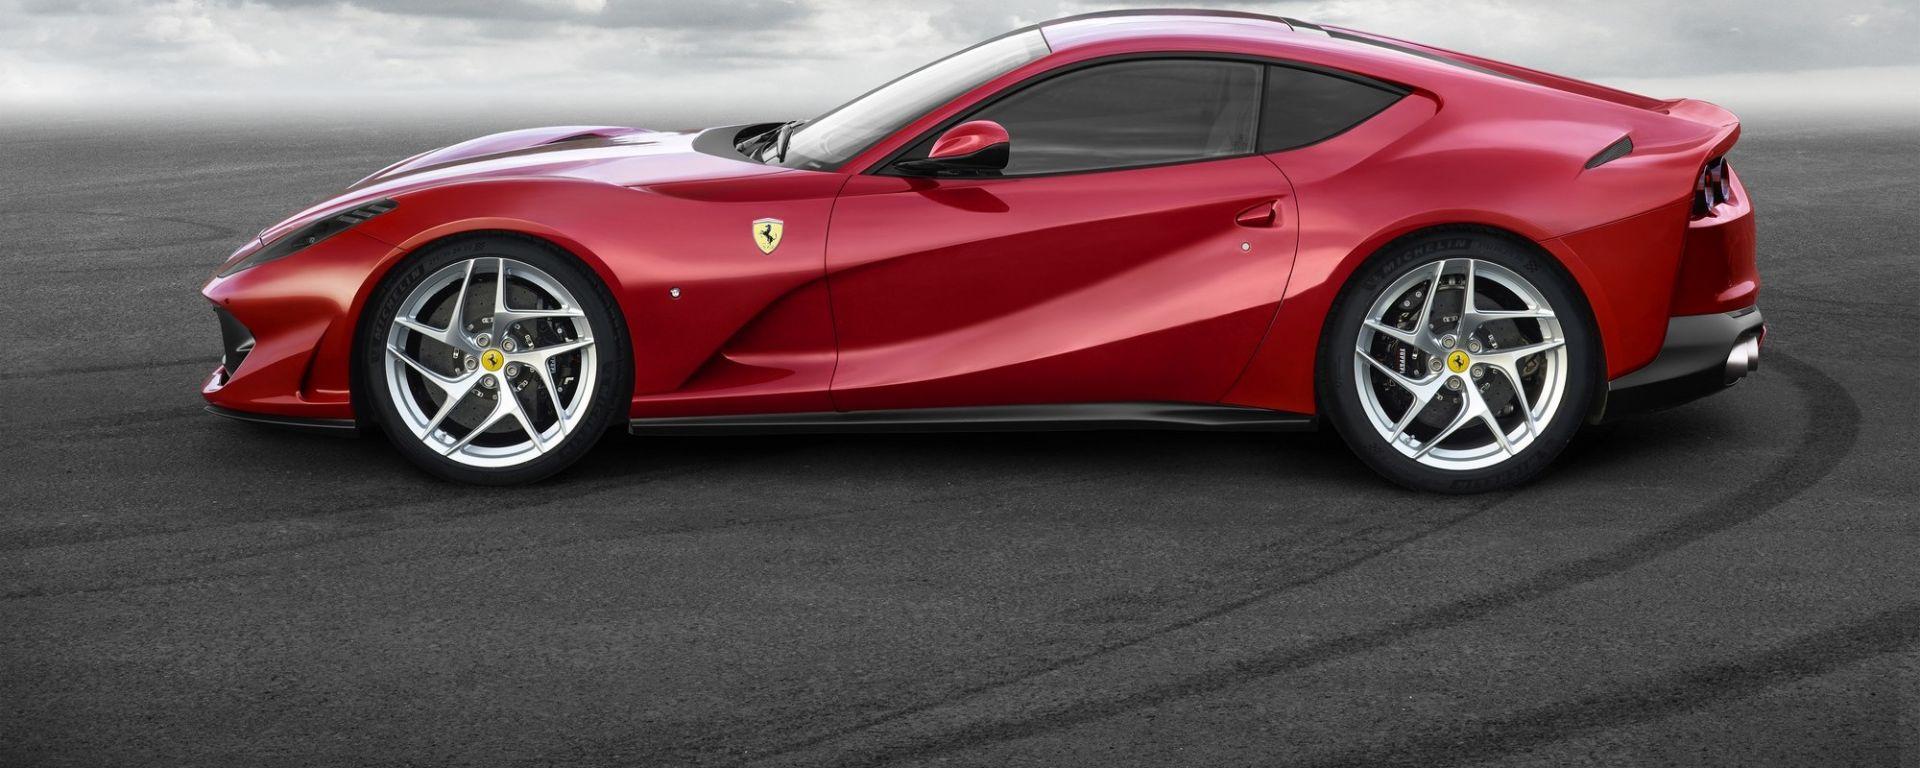 Ferrari: i V12 saranno ibridi, mai turbo, dice Marchionne